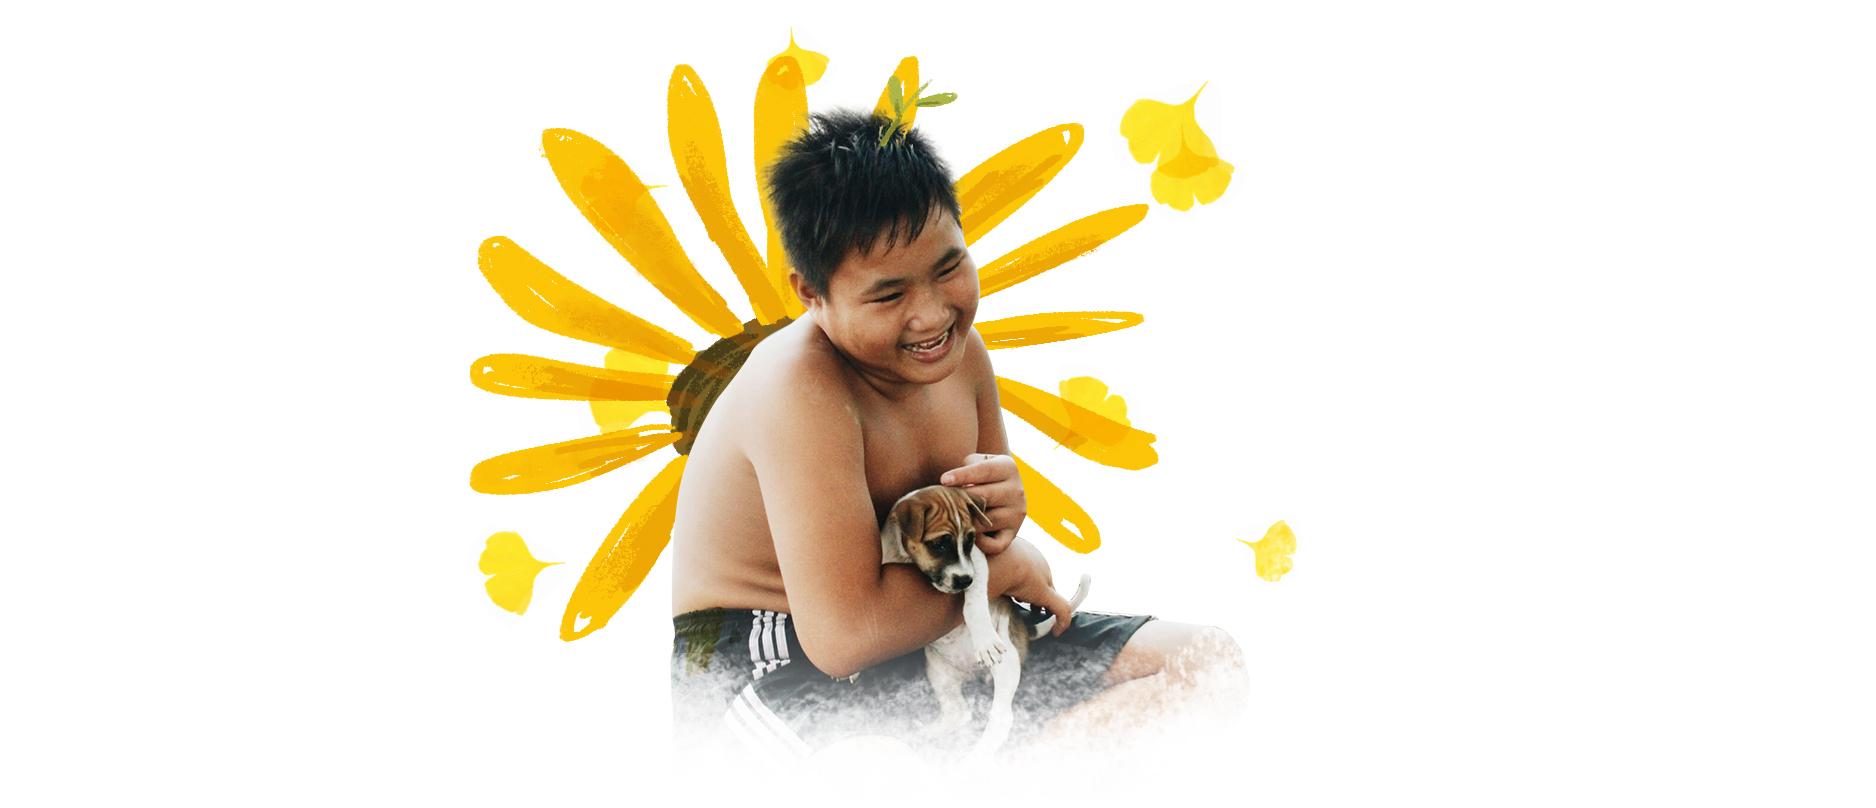 Chuyện ở xóm ốc Sài Gòn (phần 1): Những đứa trẻ 'ăn chưa no mà lo đã tới'